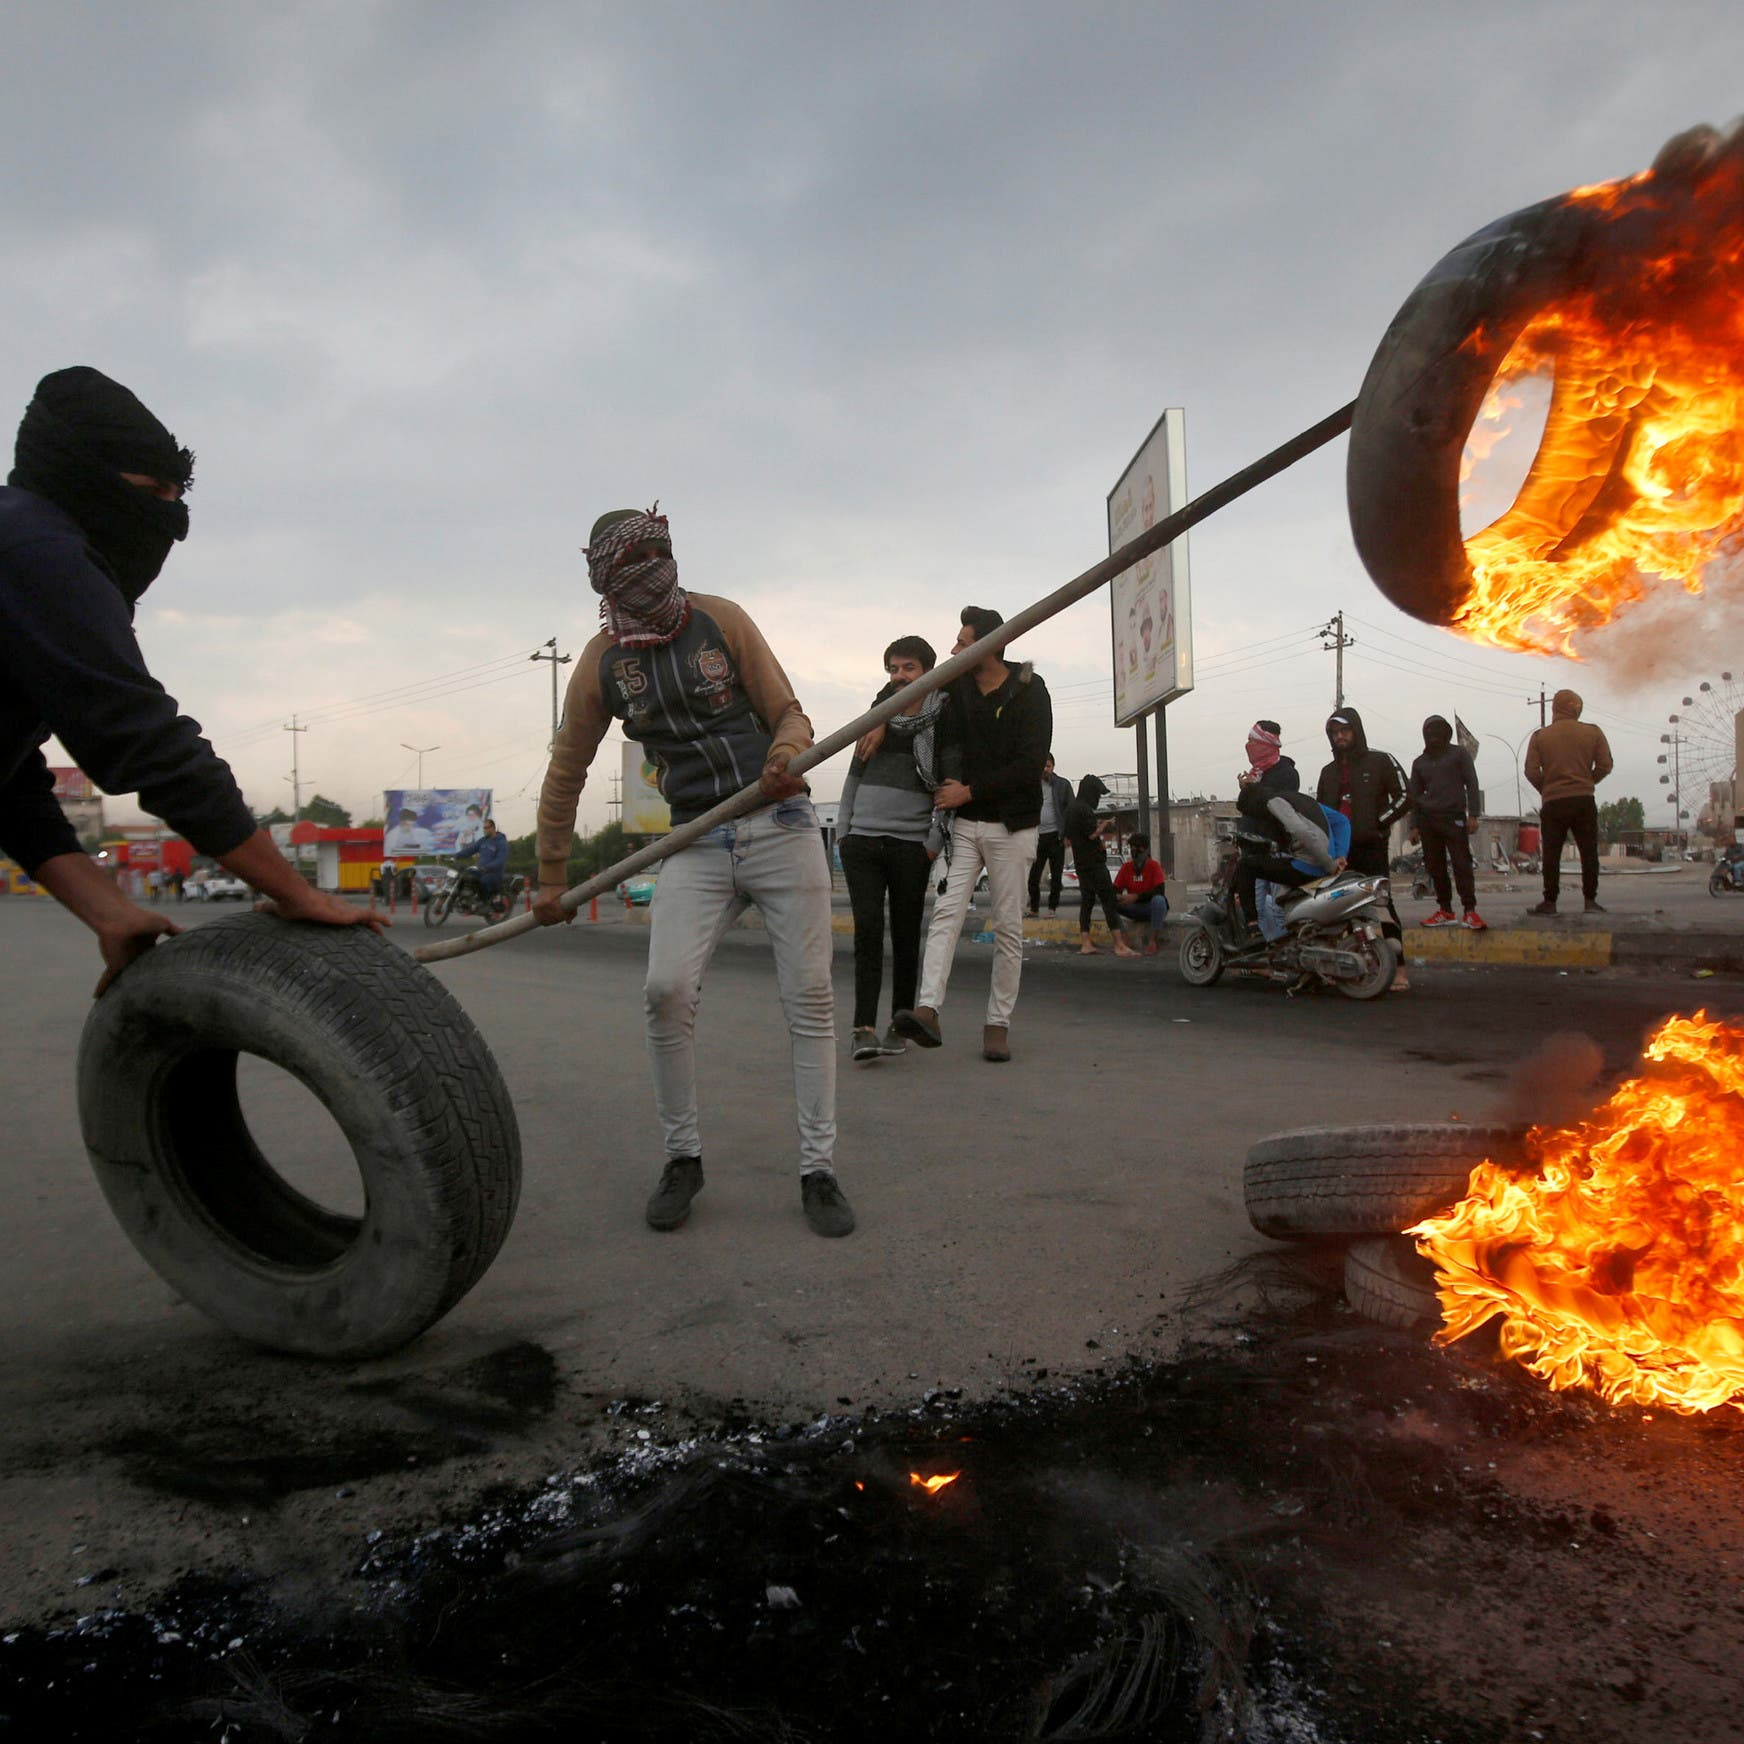 مسؤول أميركي يندد بقتل واختطاف المتظاهرين في العراق